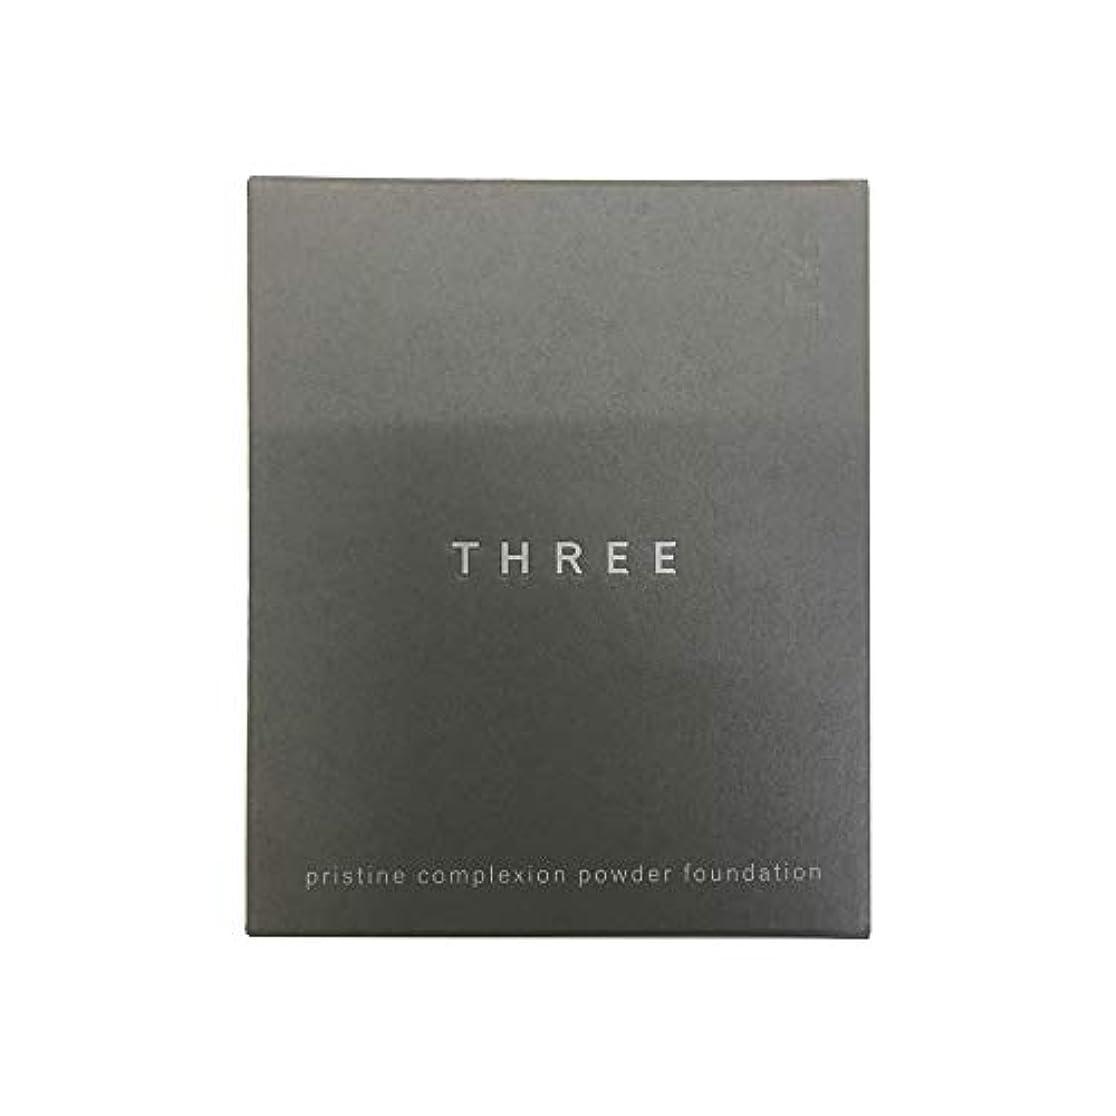 必需品深い共和党THREE(スリー) プリスティーンコンプレクションパウダーファンデーション #203(リフィル) [ パウダーファンデーション ] [並行輸入品]